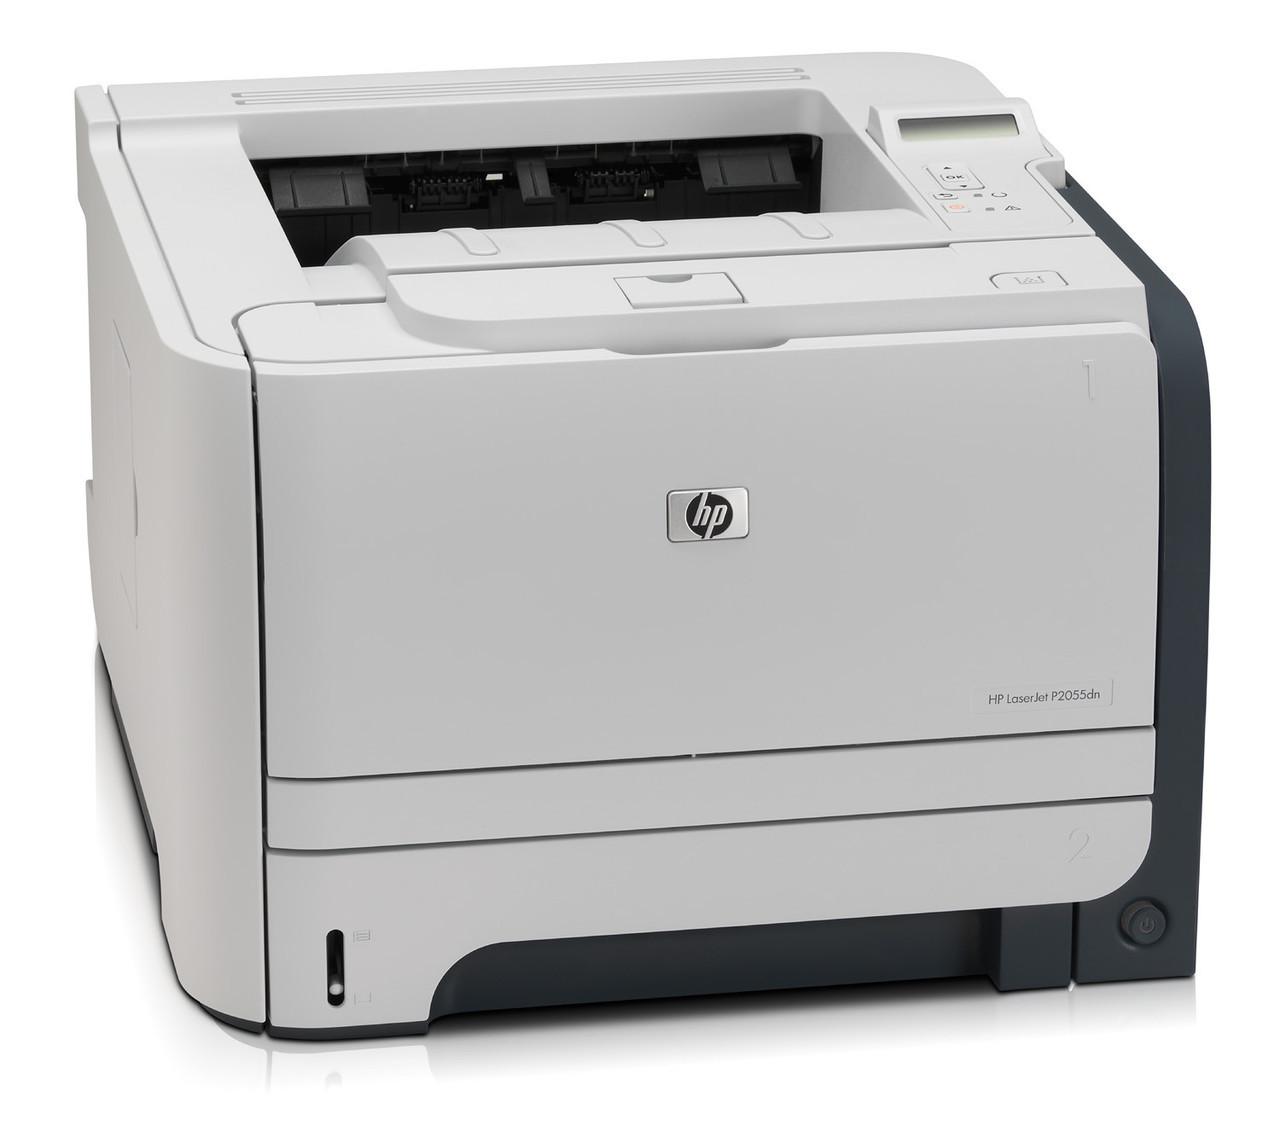 HP Laserjet P2055D - CE457AR - HP Laser Printer for sale